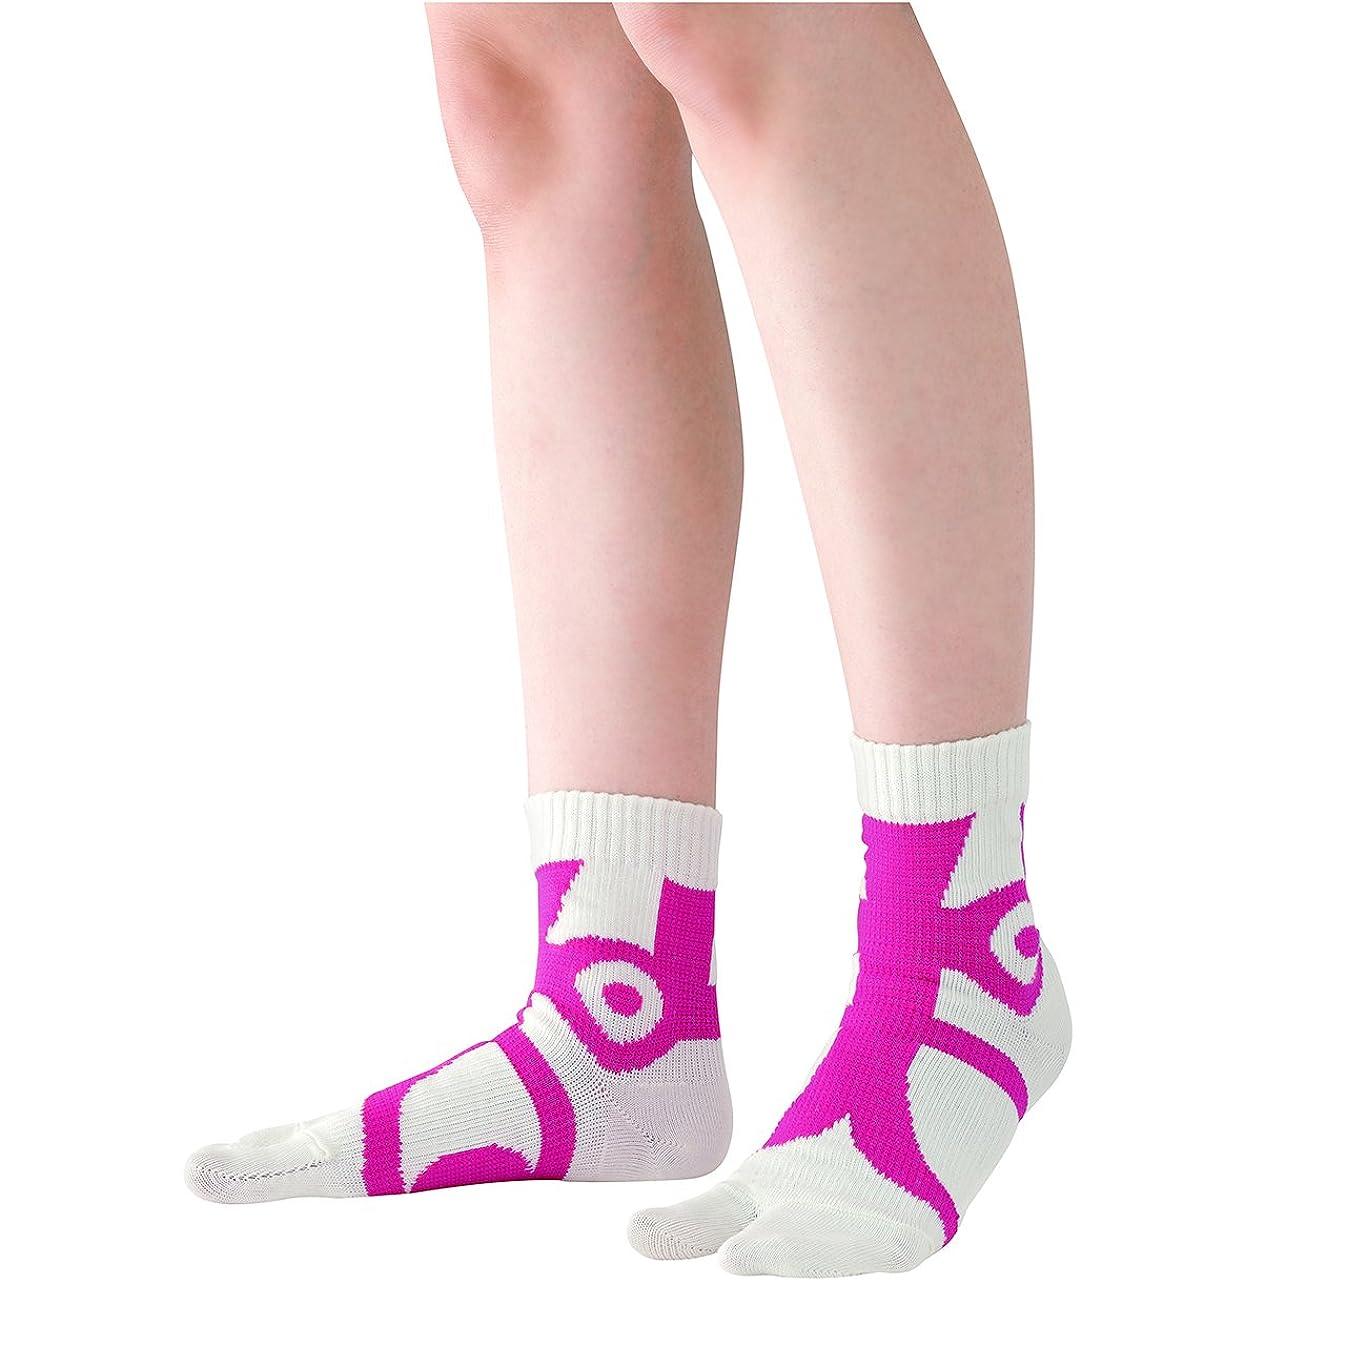 絶滅祖先寛大さ快歩テーピング靴下 ホワイト×ピンク